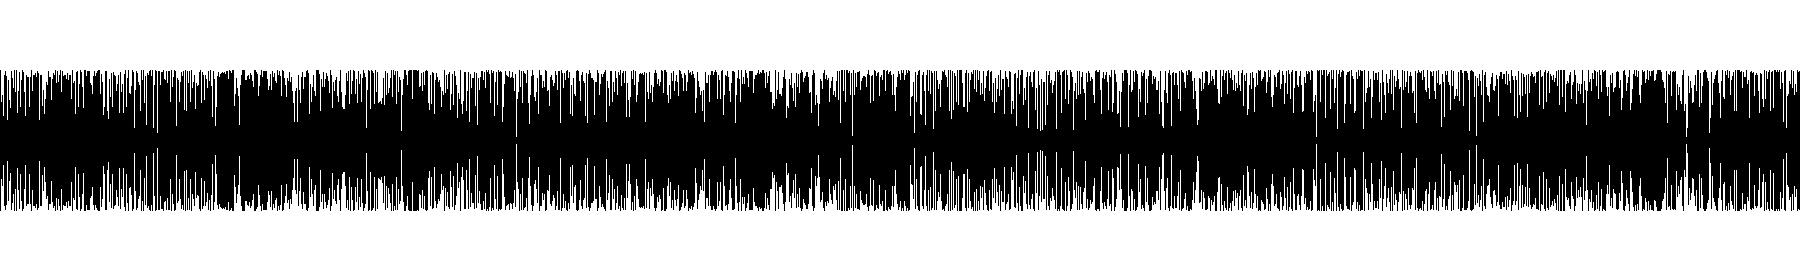 biab glitchhop glitch 15